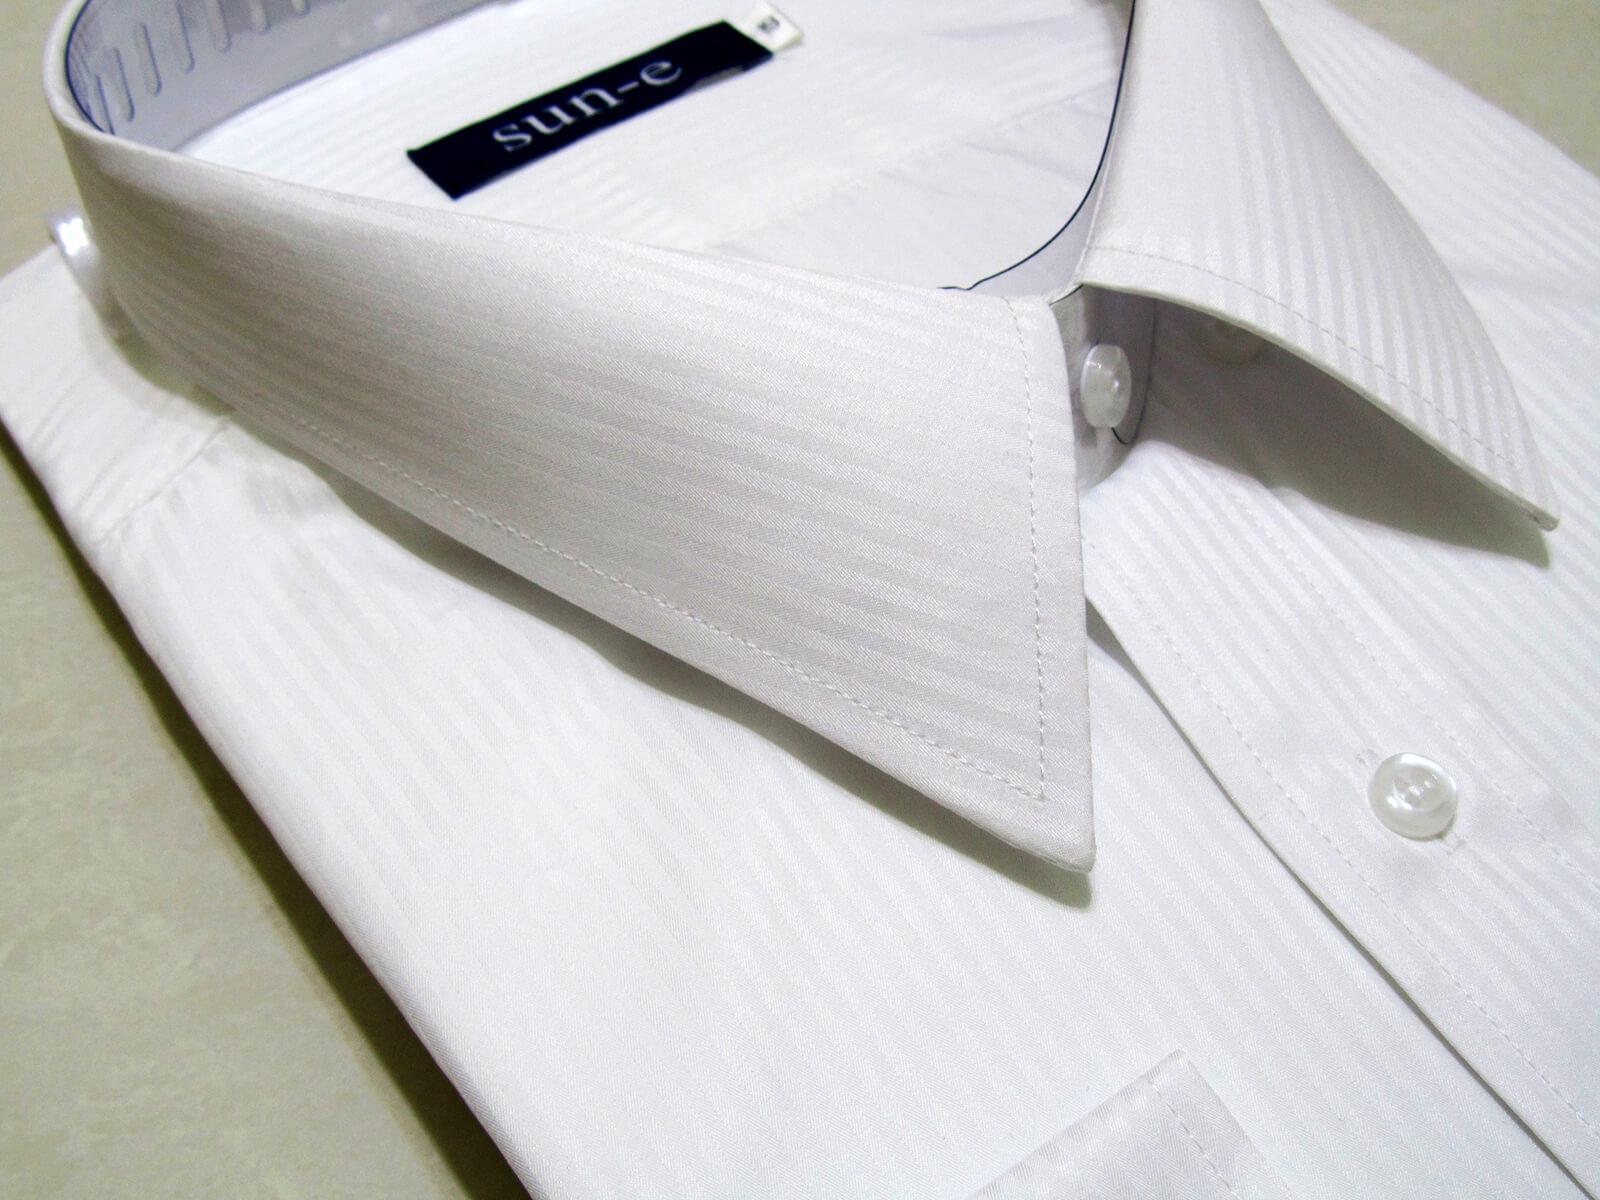 長袖條紋襯衫 標準襯衫 上班族襯衫 正式場合襯衫 商務襯衫 面試襯衫 柔棉舒適不皺免燙長袖襯衫 一般及加大尺碼襯衫 五種顏色可供選擇(335-701-01)白色襯衫、(335-703-09)淺藍色襯衫、(335-707-22)灰色襯衫、(335-710-14)淺黃色襯衫、(335-711-21)黑色襯衫 [實體店面保障] sun-e 6